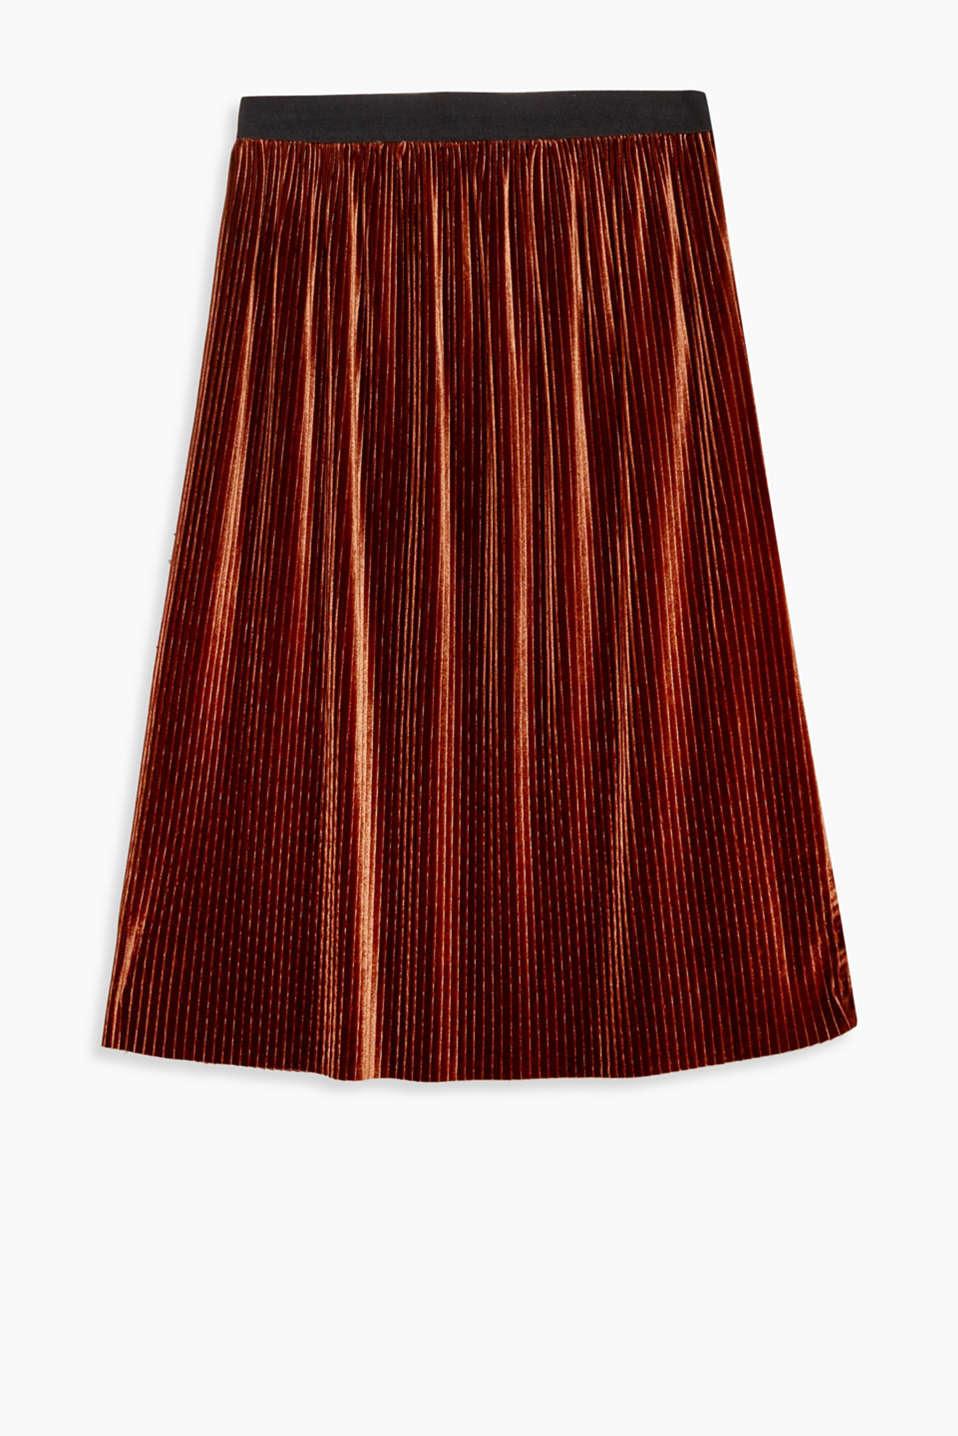 Questa gonna maxi completa perfettamente qualsiasi outfit e cattura gli sguardi grazie al velluto delicato.